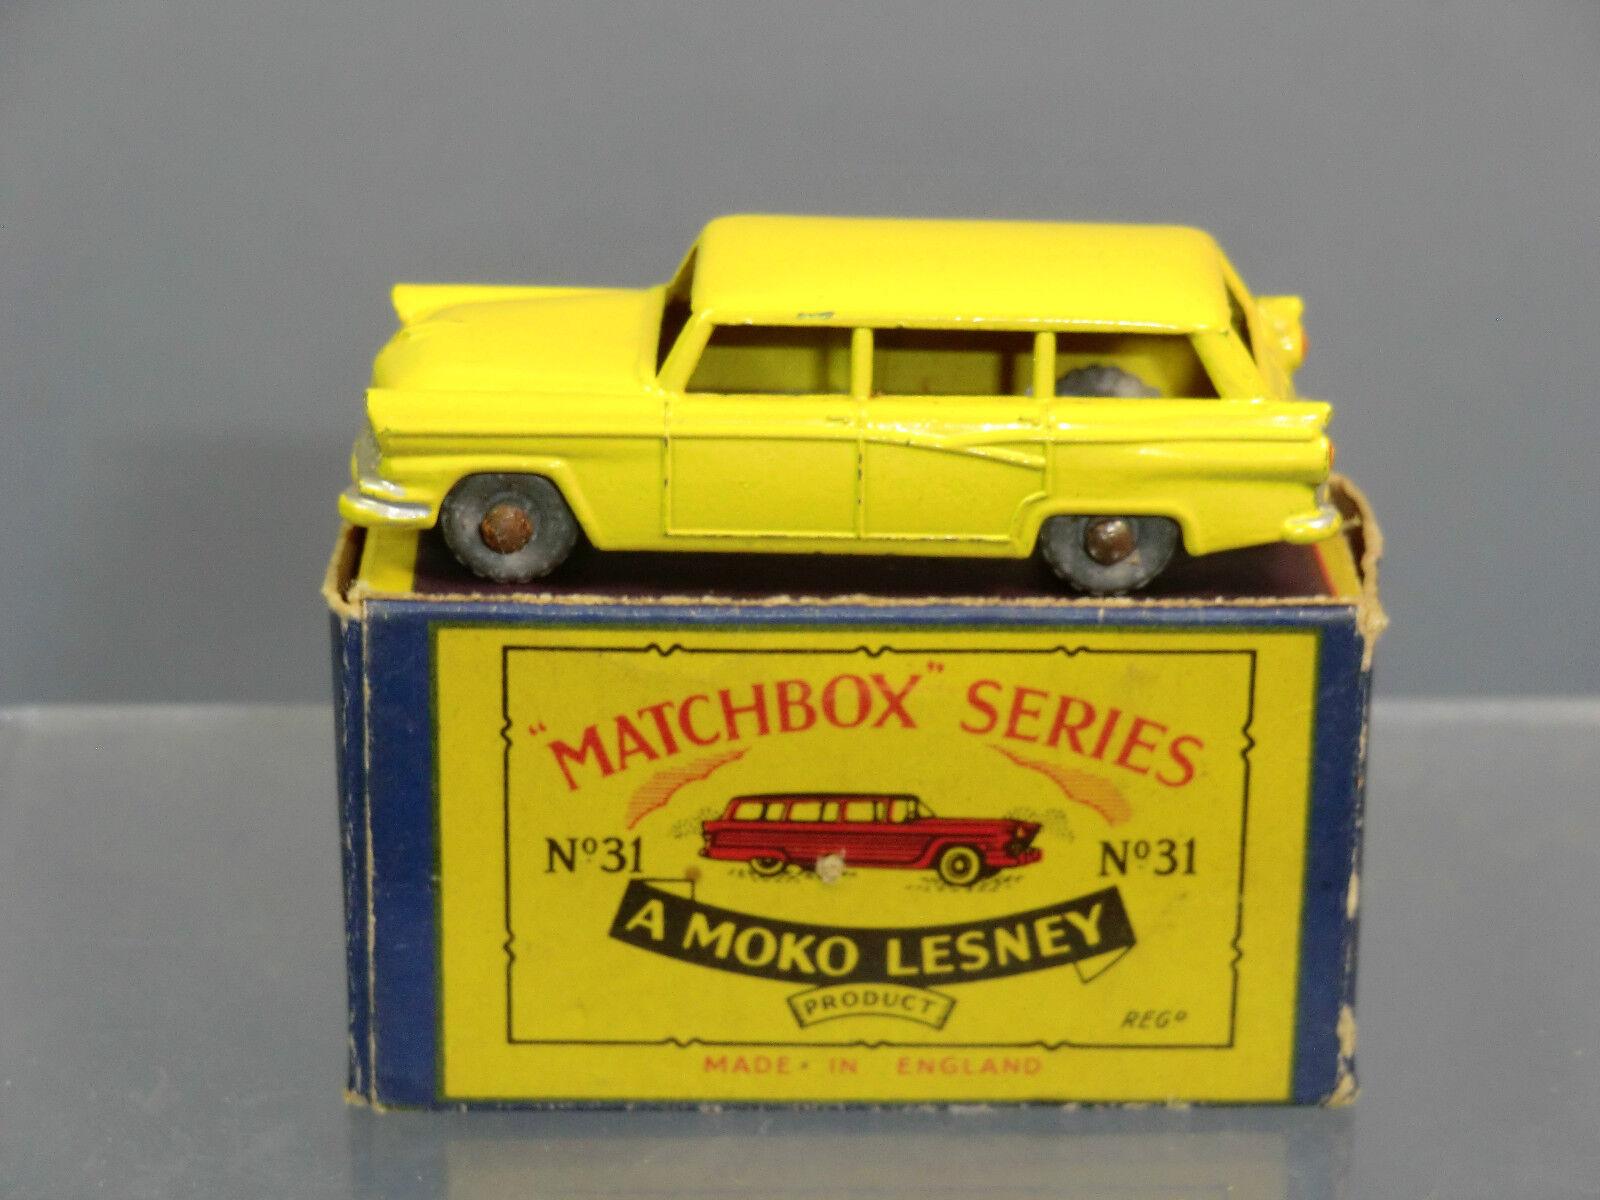 MATCHBOX MOKO LESNEY MODEL No.31a FORD   Station Wagon  VN En parfait état, dans sa boîte  jusqu'à 60% de réduction